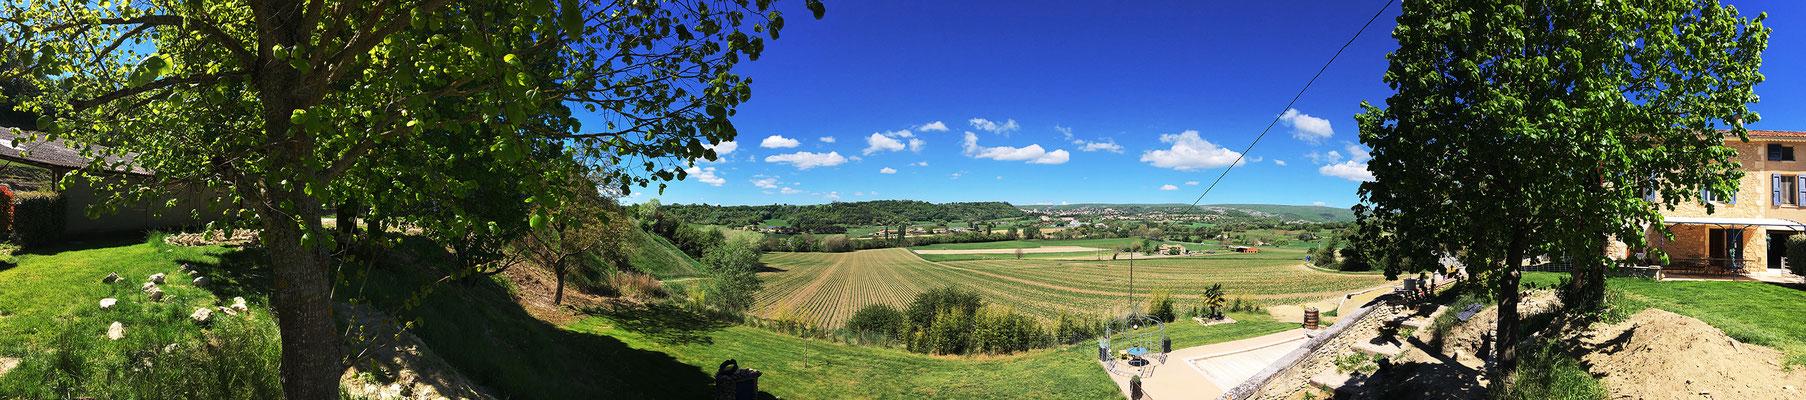 Vue panoramique de Forcalquier et de la Z.A. des Chalus depuis le chantier